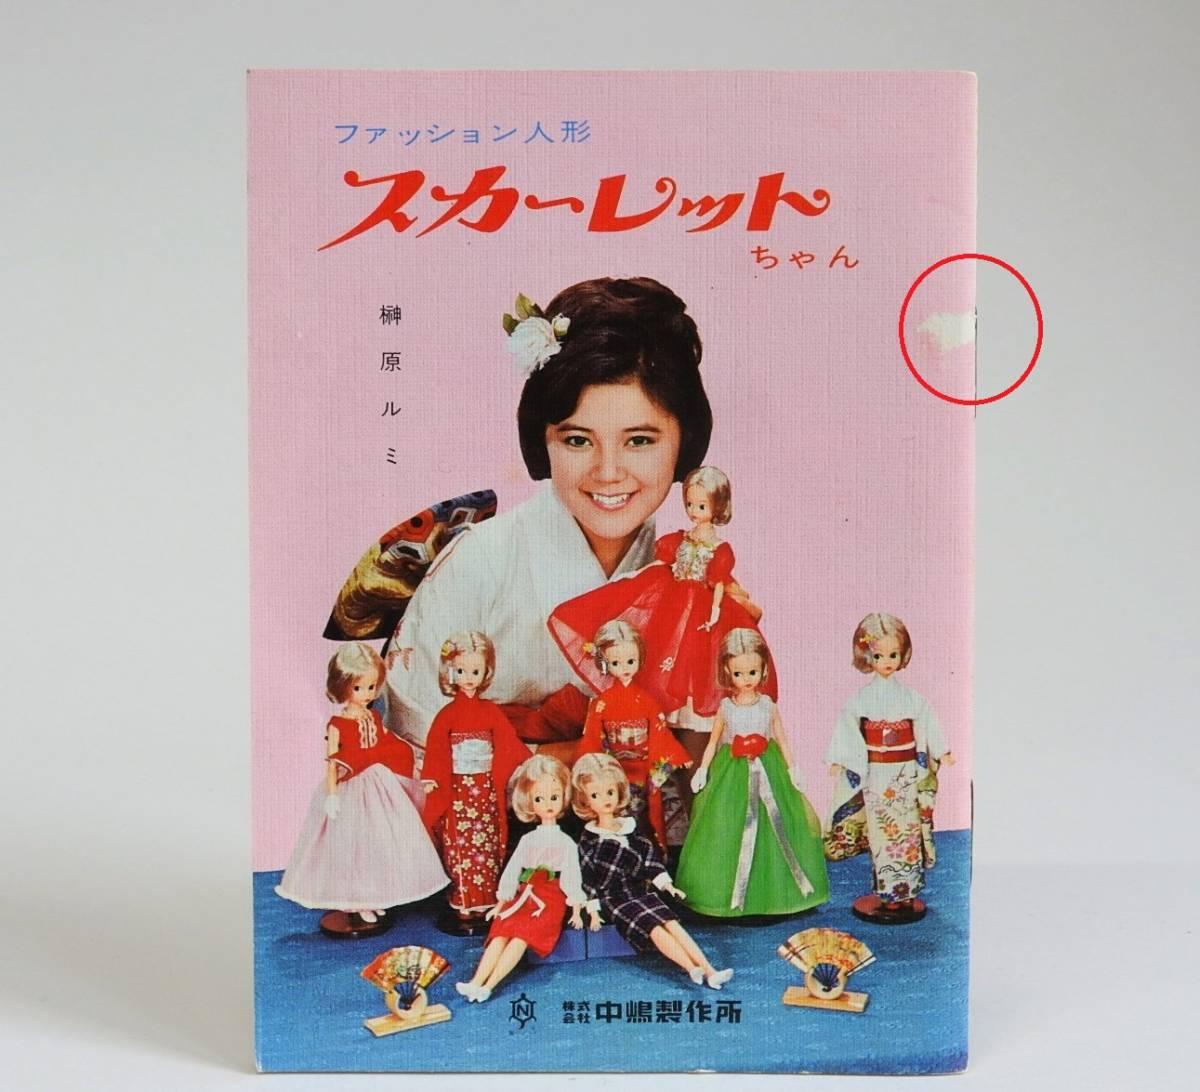 中嶋製作所 スカーレットちゃん カタログ 和服 着物 洋服 着せ替え人形 パンフレット/榊原るみ